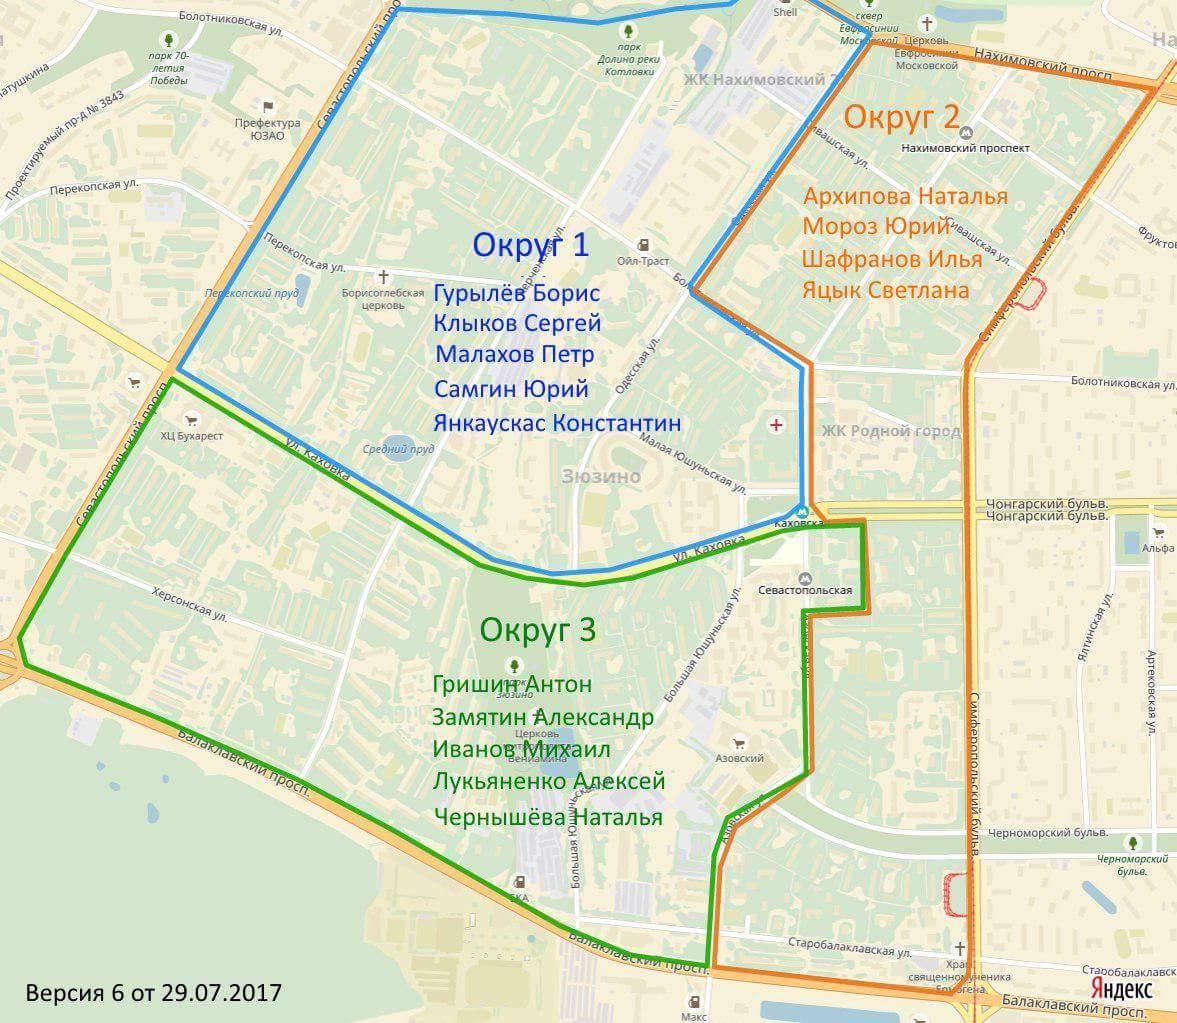 Округа и кандидаты в Зюзино